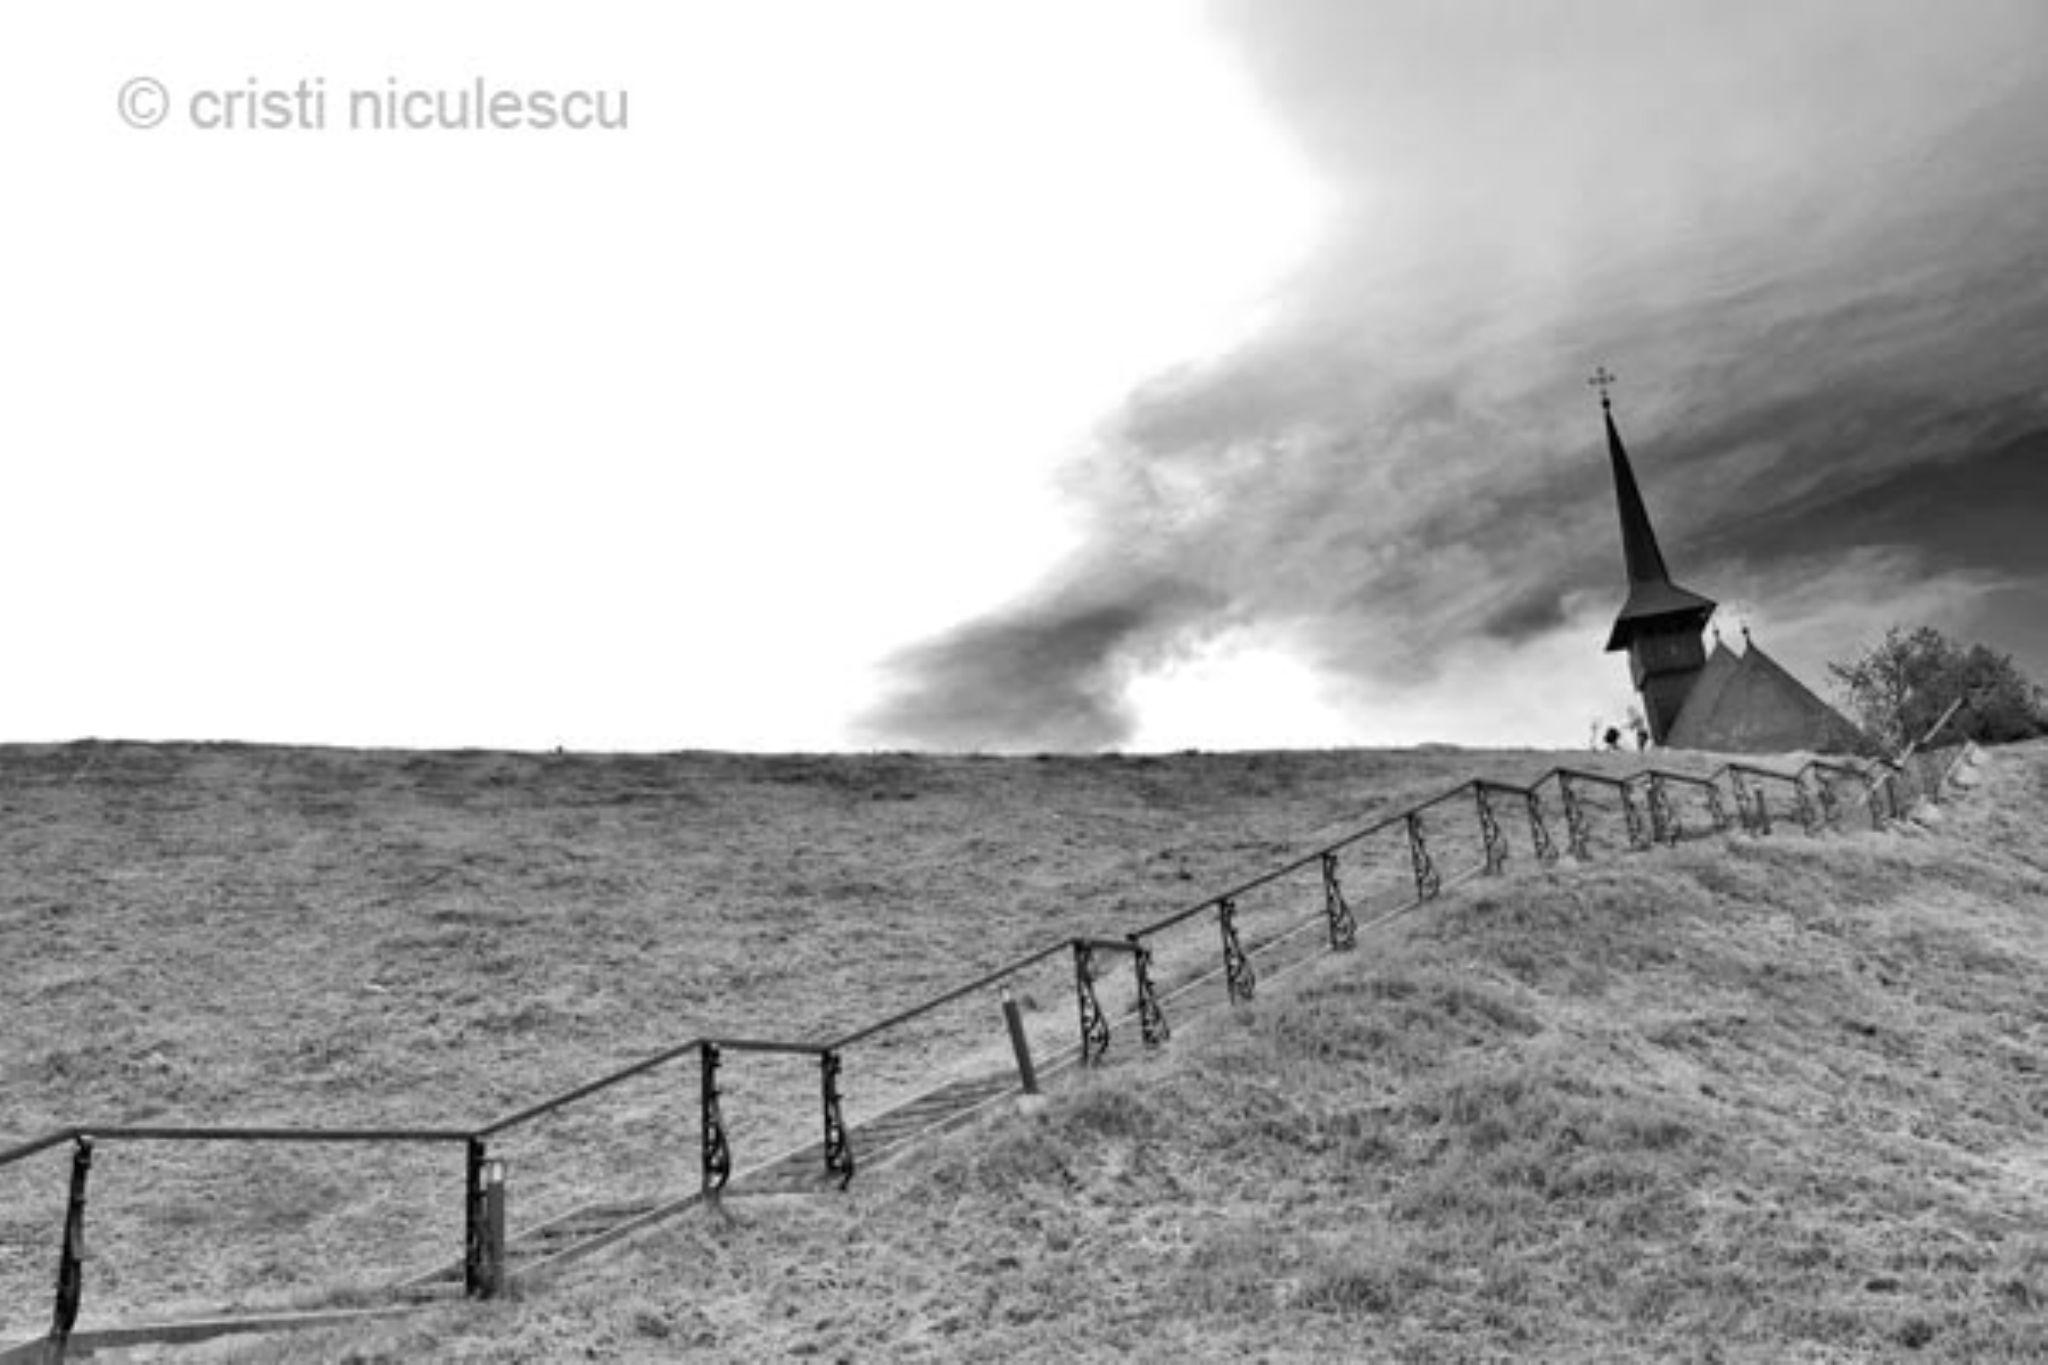 Leaning Church by Cristi Niculescu